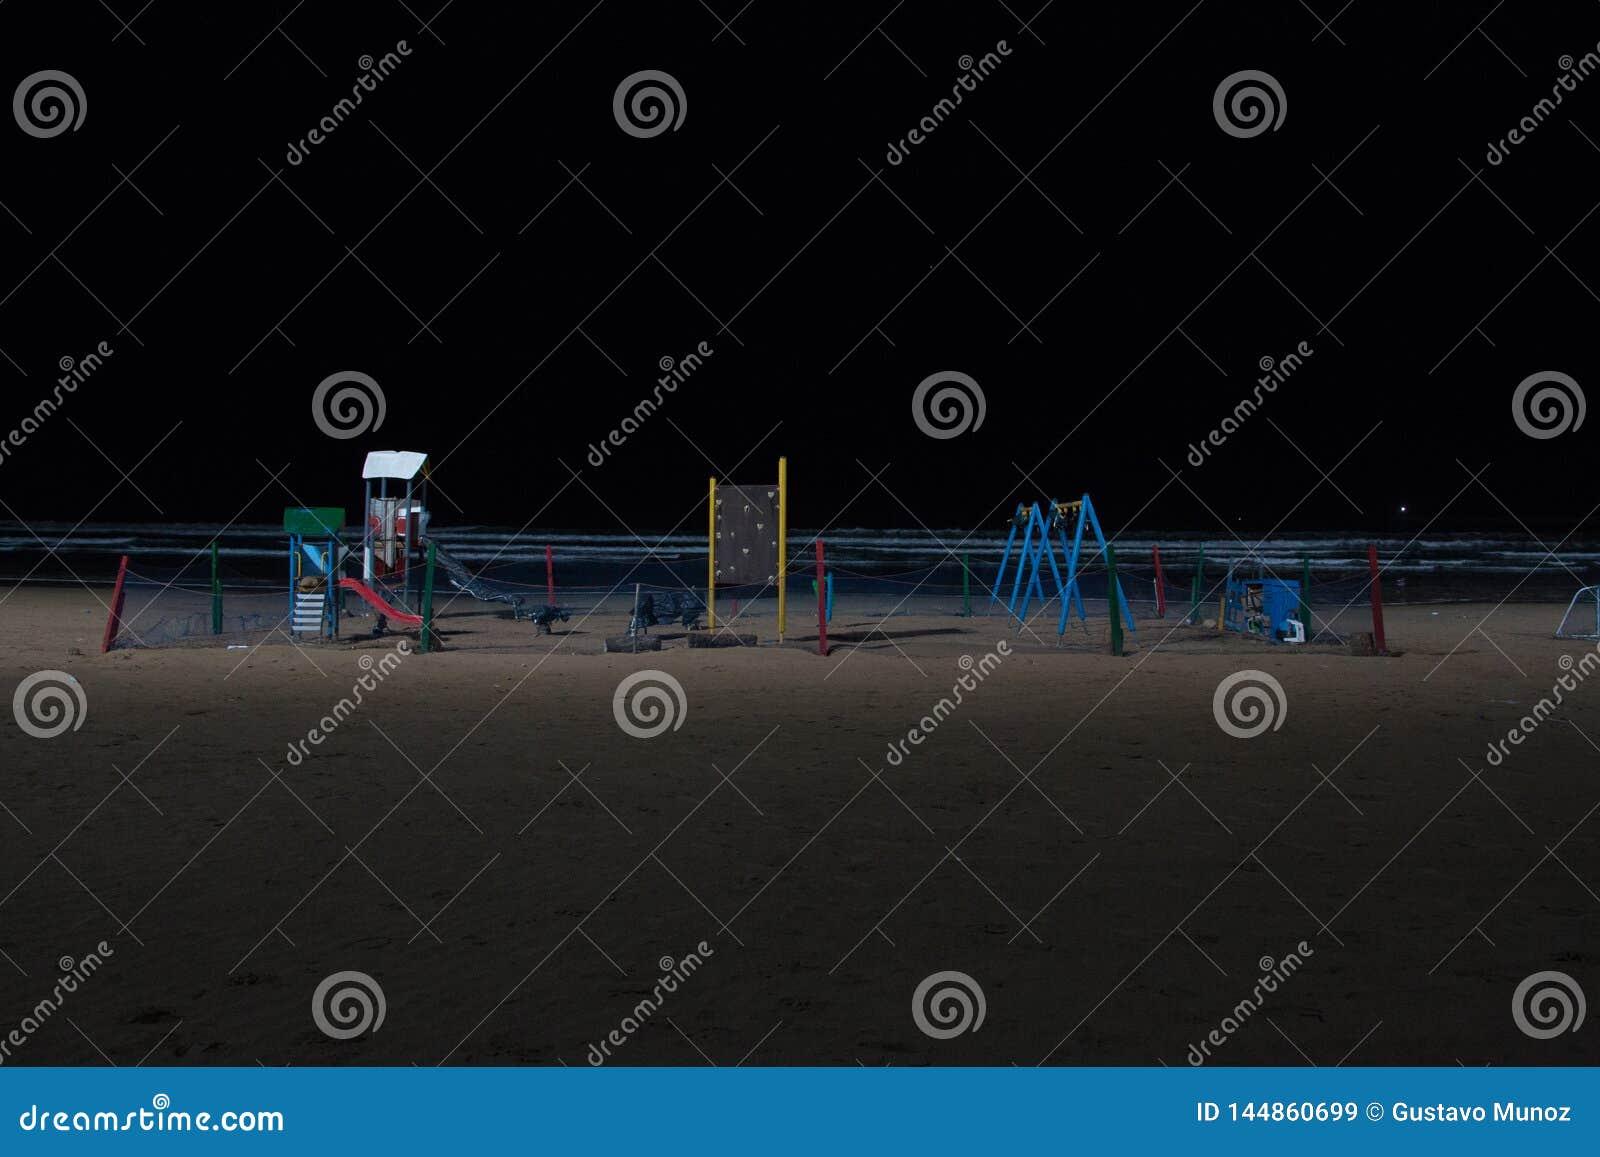 Ein Spielplatz der Kinder im Sand des Strandes von Essaouira nachts belichtet mit Scheinwerfern